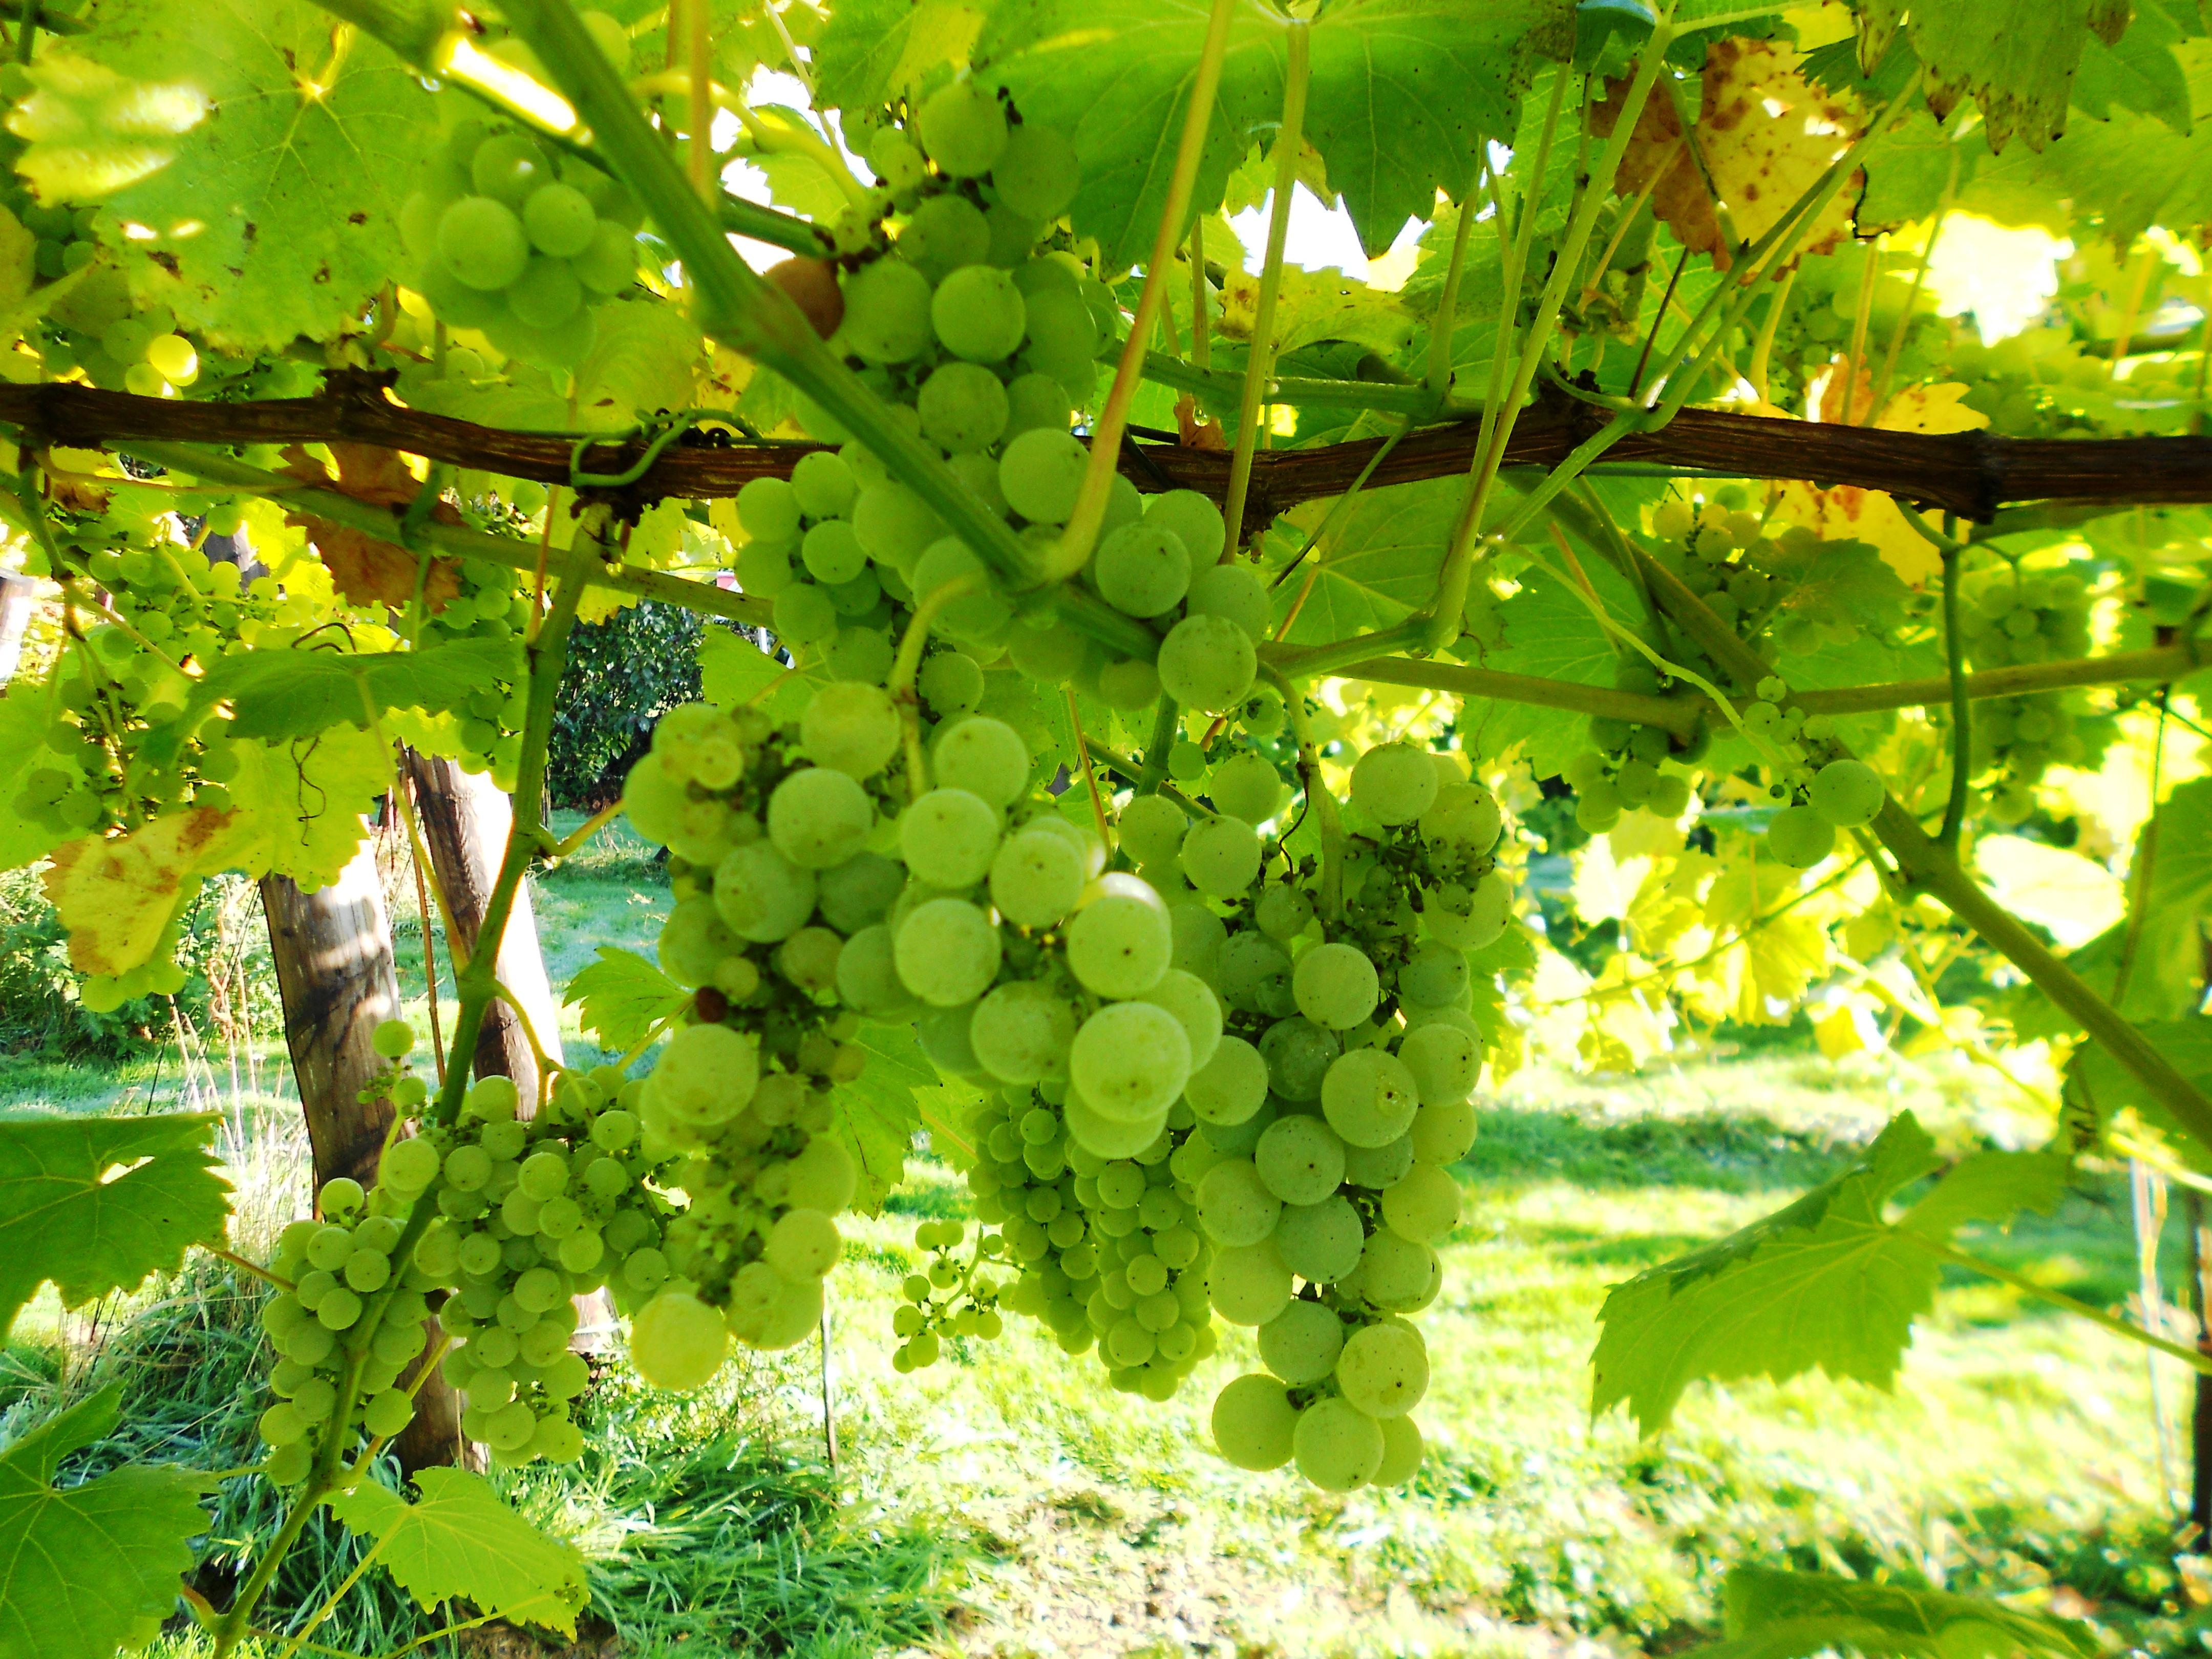 UK grape varieties grown in leicestershire